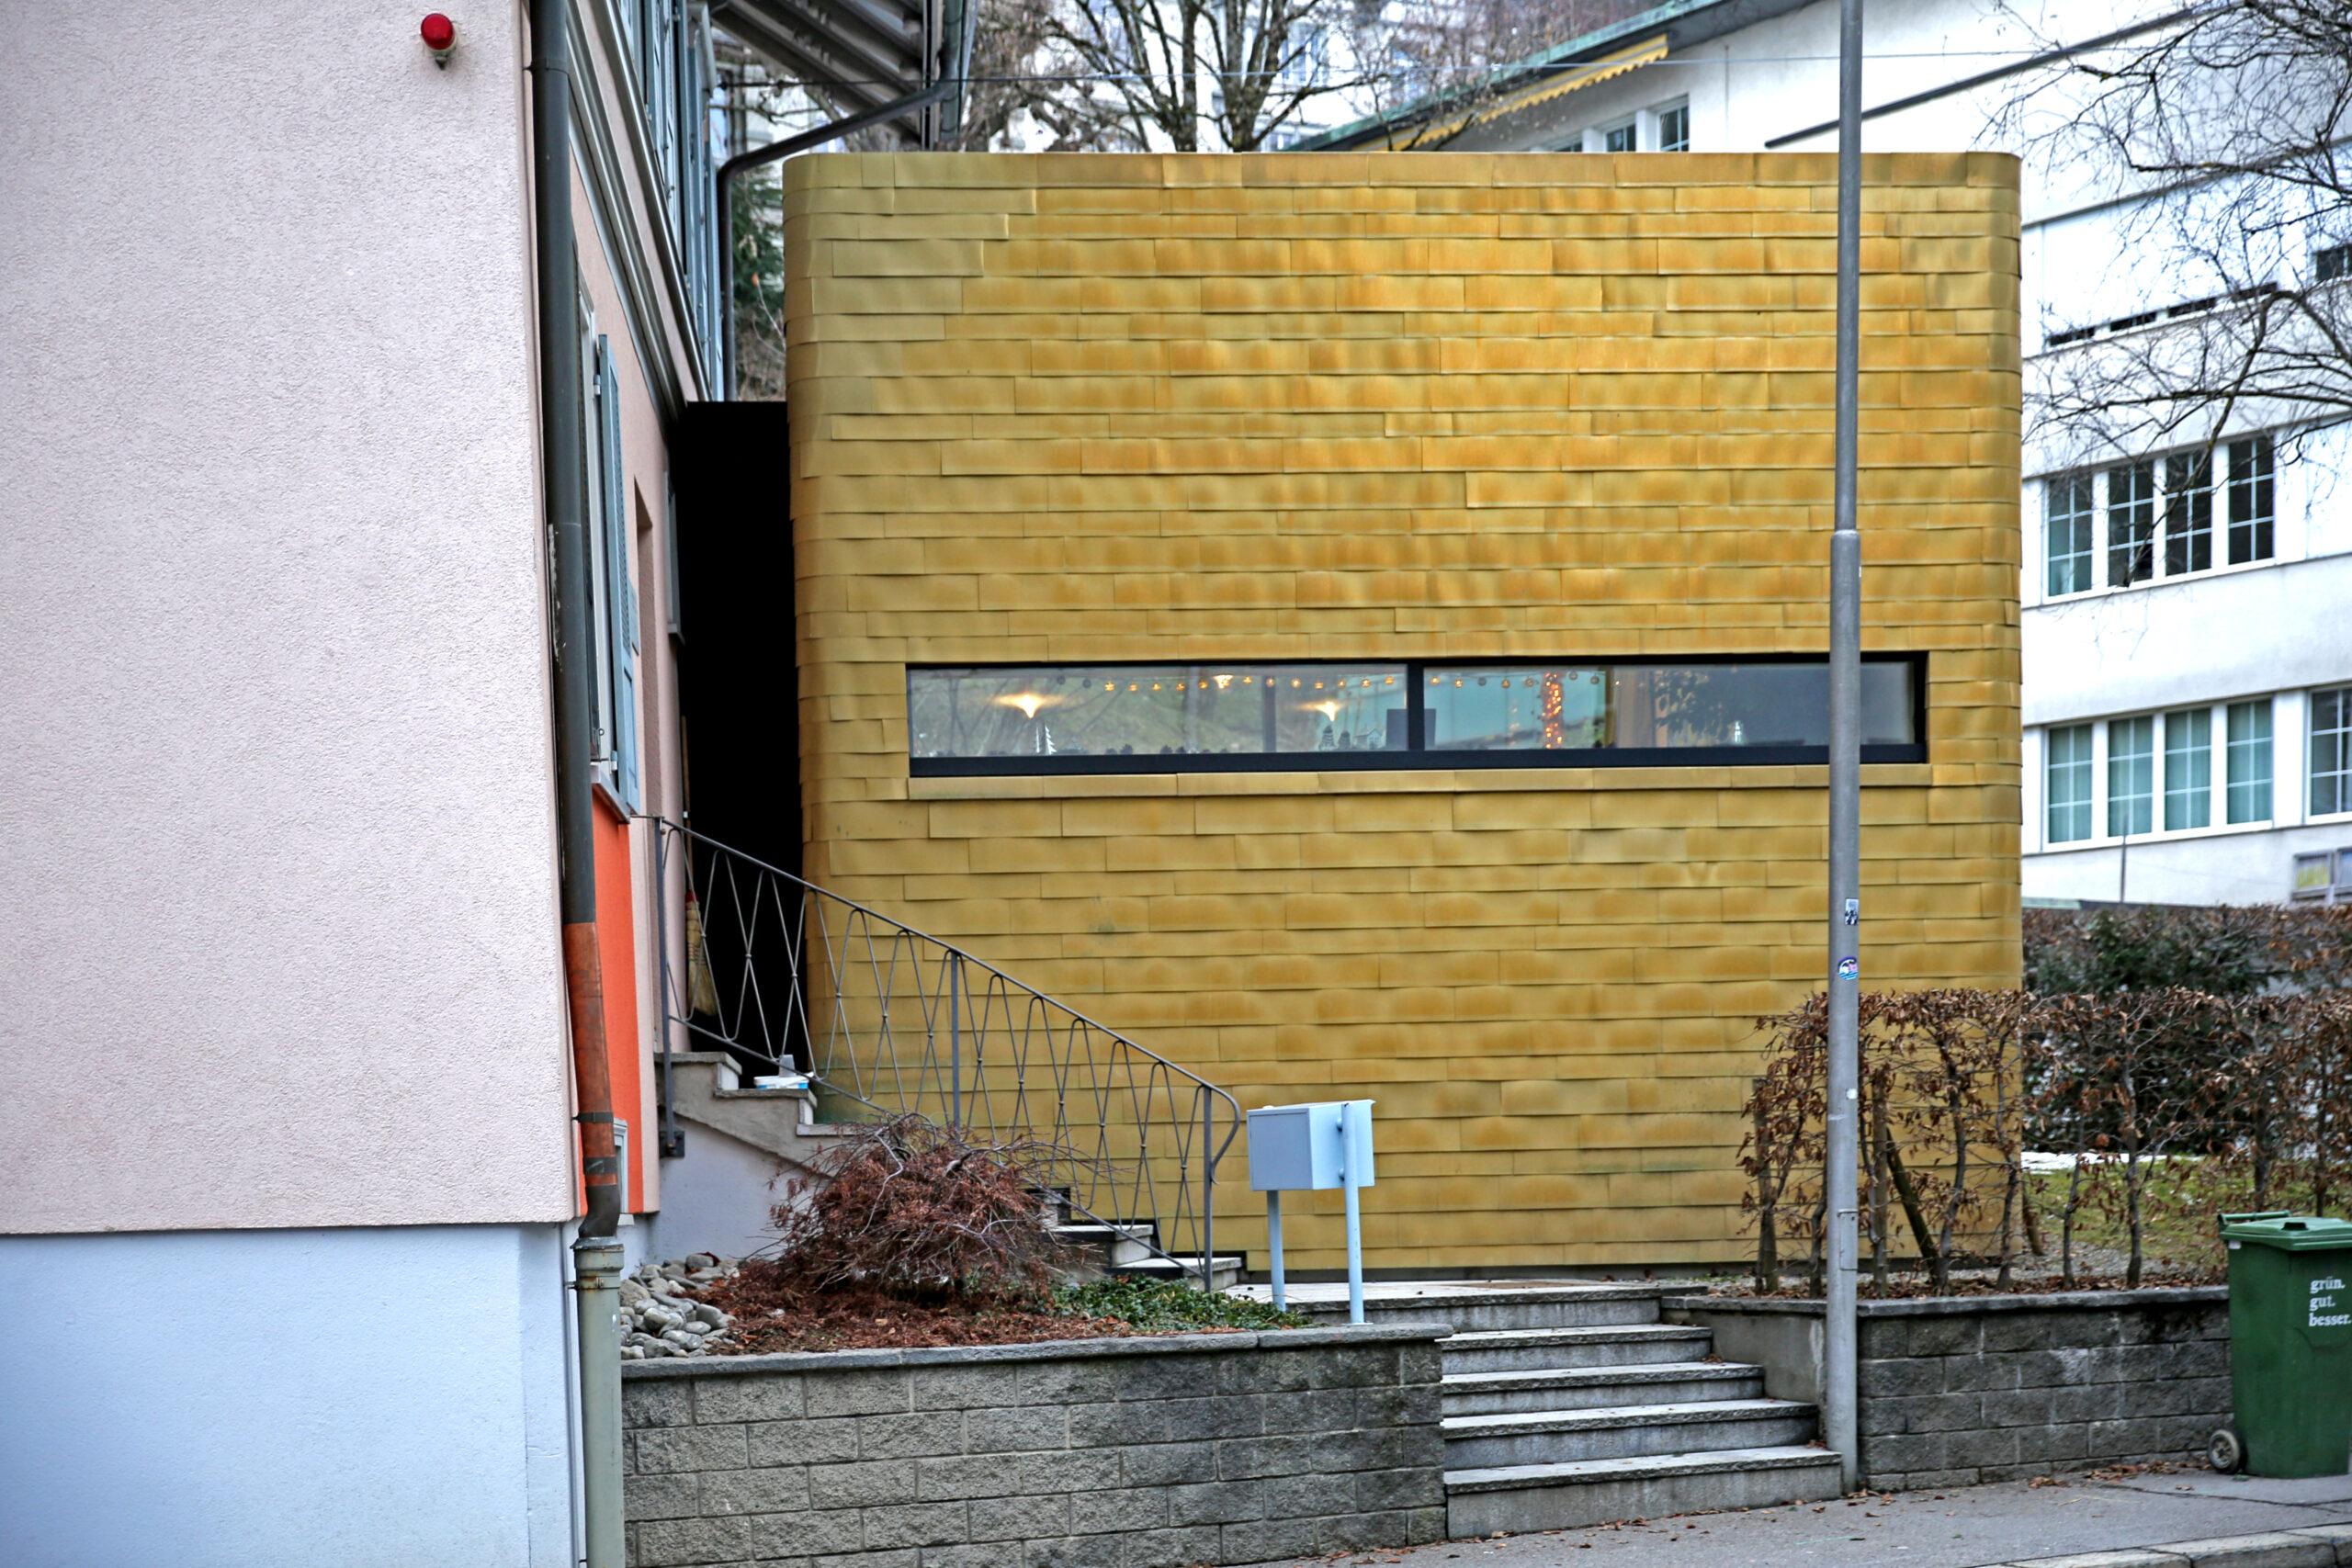 Umbau / Erweiterung Wohnheim Varnbüel St.Gallen